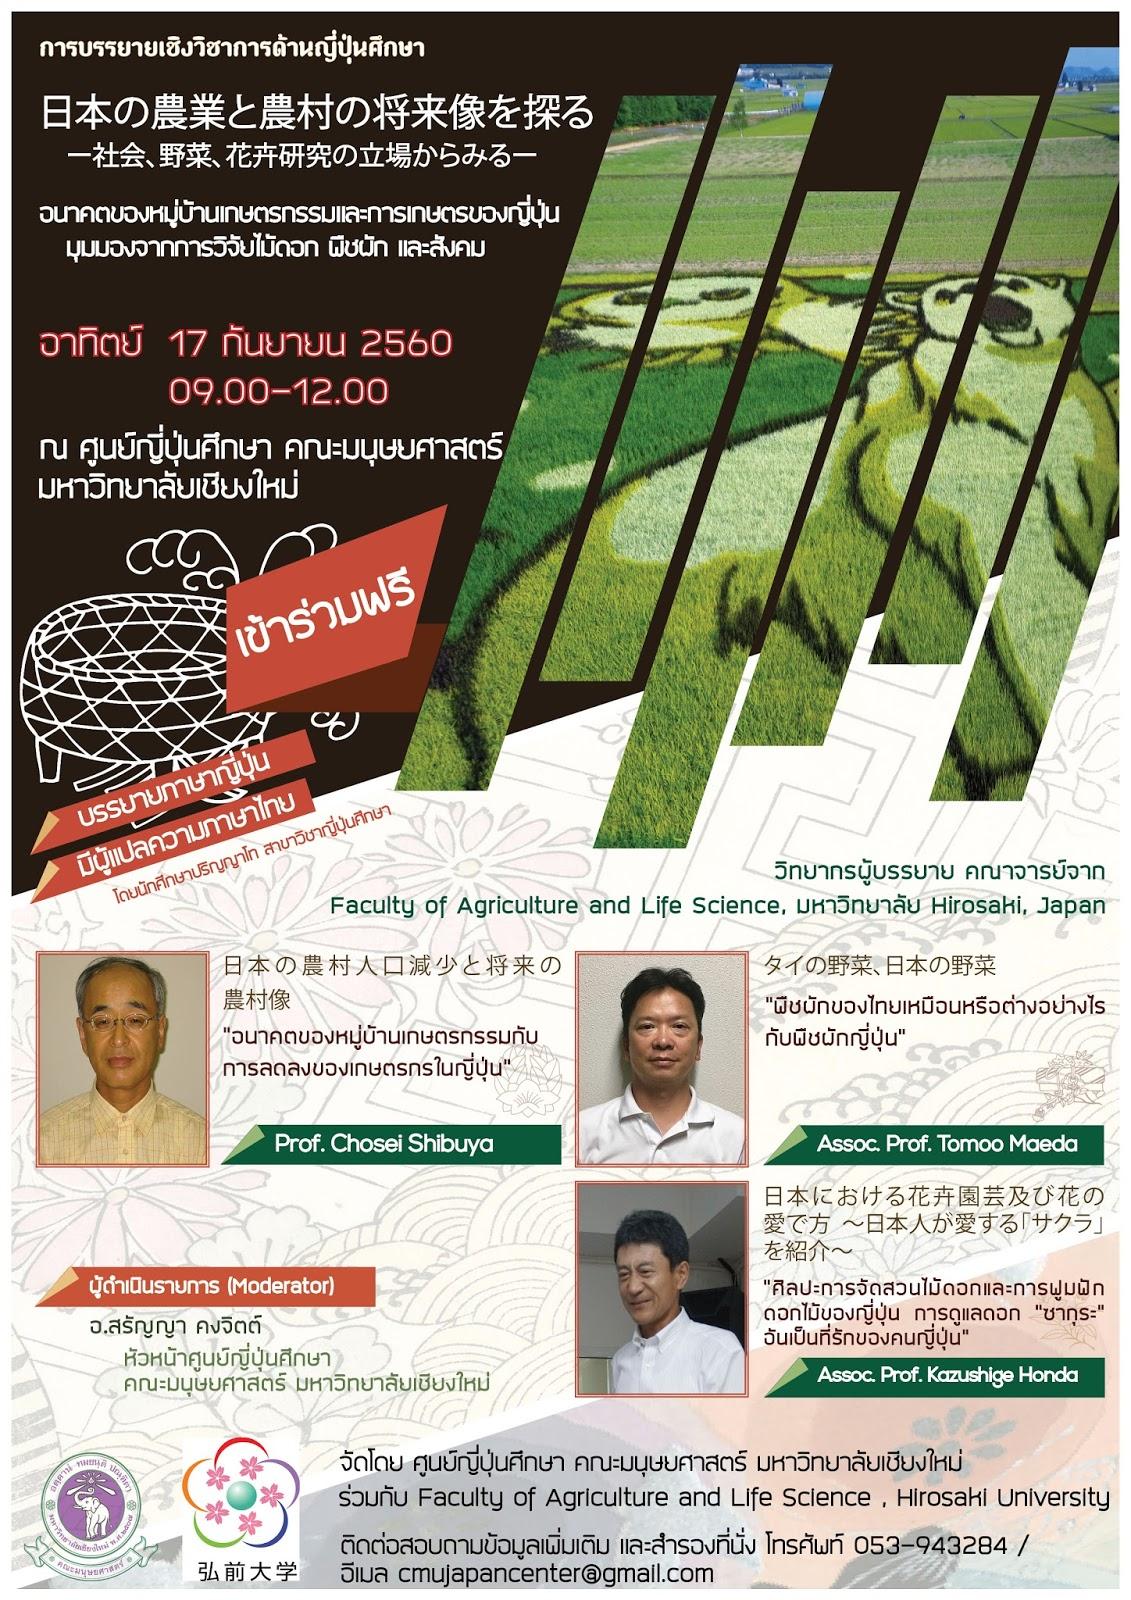 อนาคตของหมู่บ้านเกษตรกรรมและการเกษตรของญี่ปุ่น: มุมมองจากการวิจัยไม้ดอก พืชผัก และสังคม/日本の農業と農村の